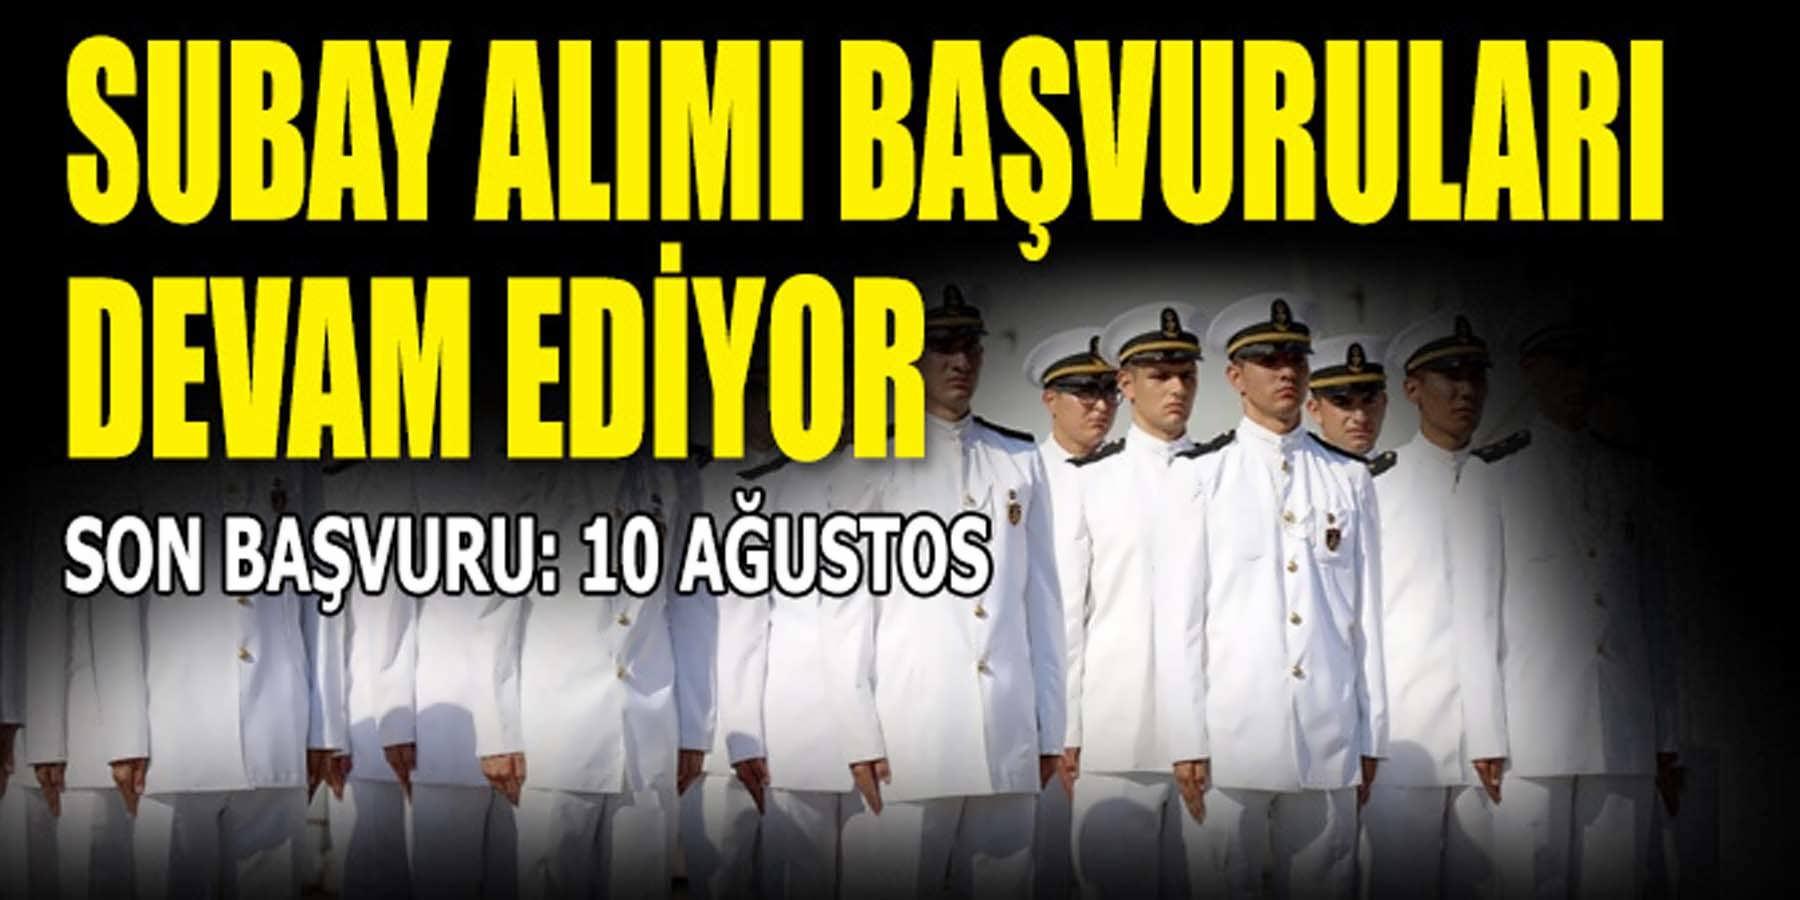 Deniz Kuvvetleri Subay Alımı Başvuruları Devam Ediyor